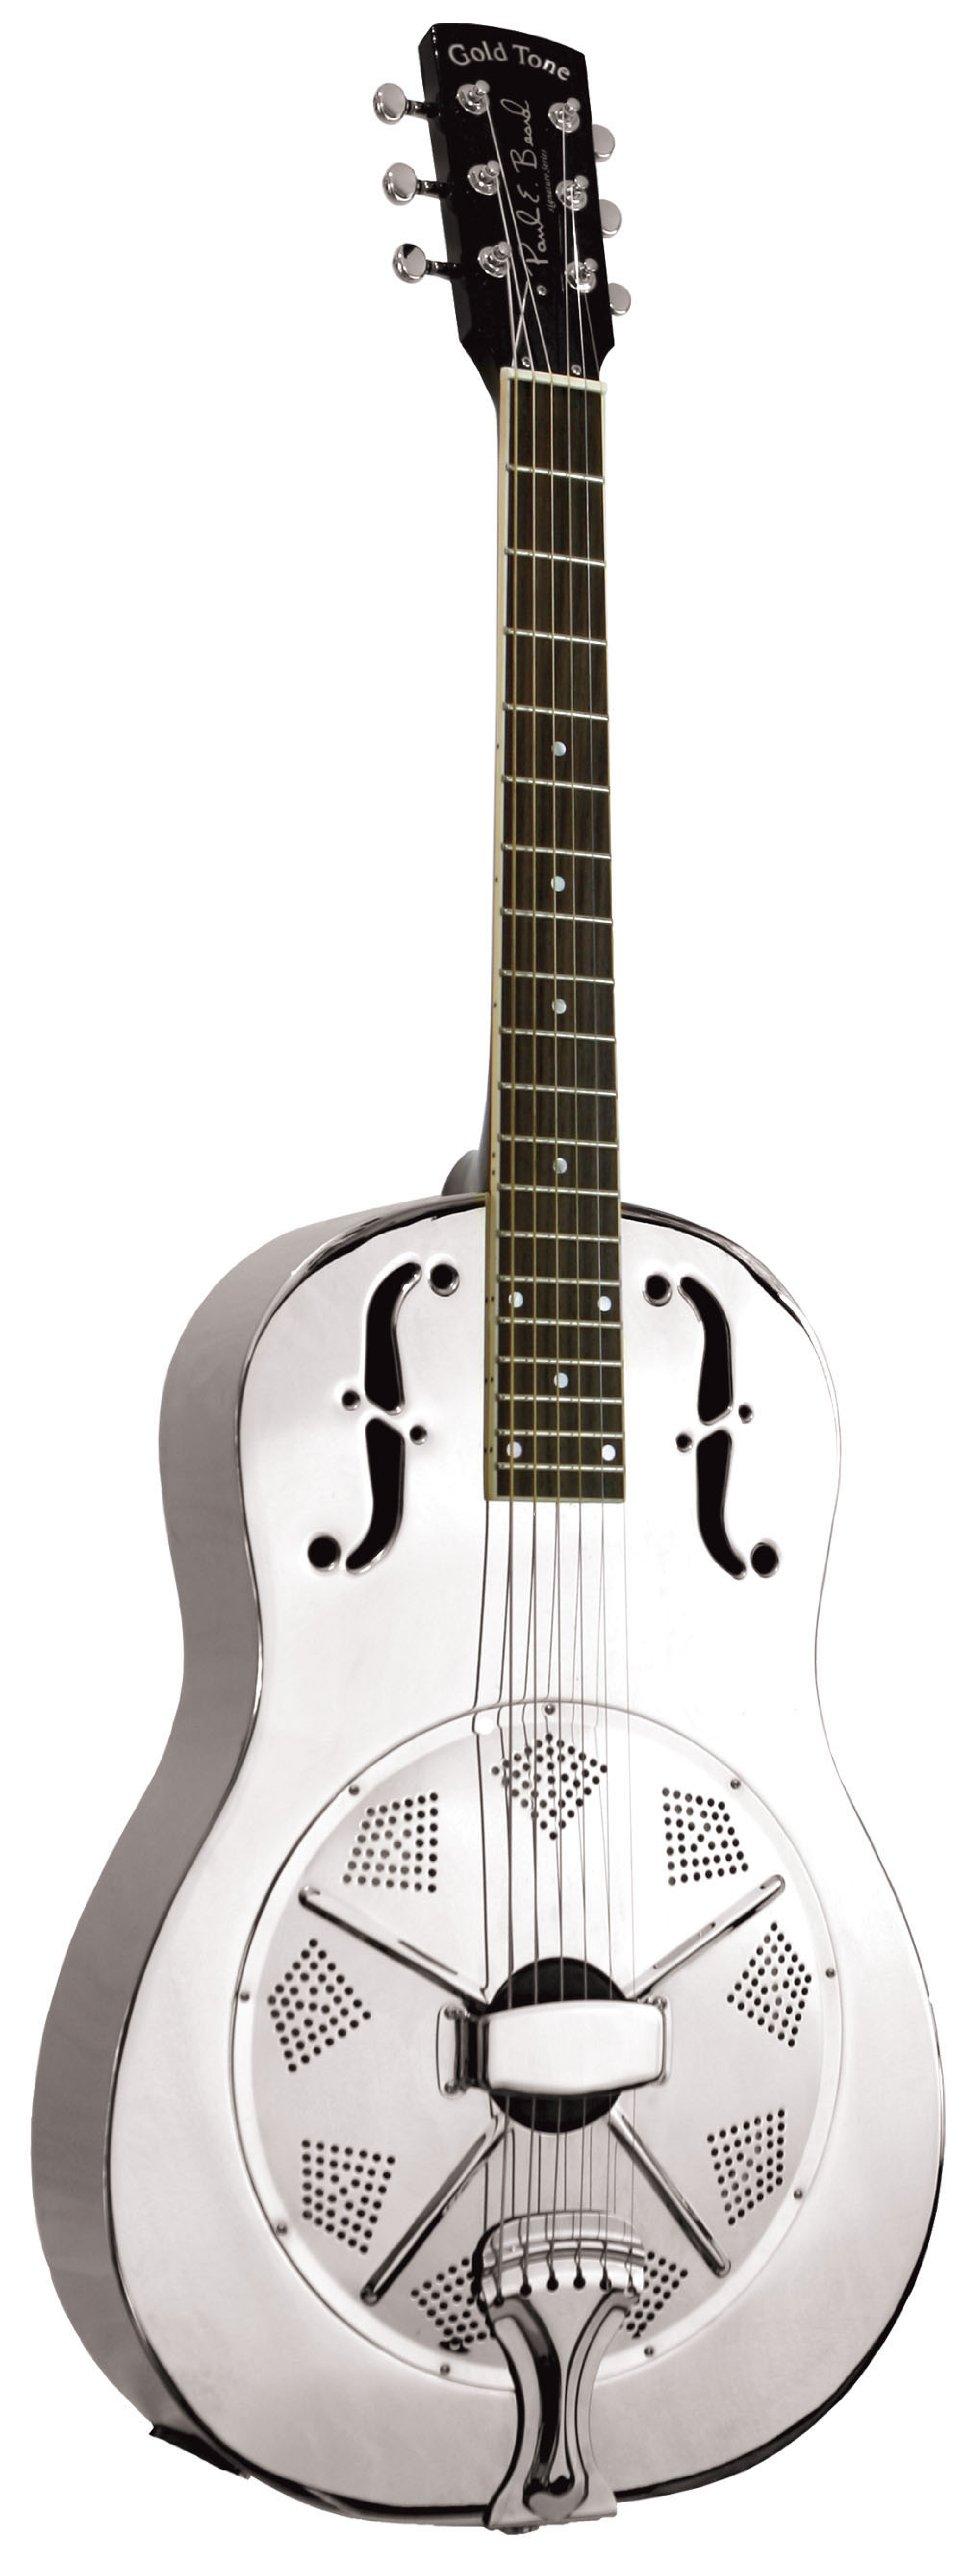 Gold Tone Paul Beard Signature Series GRS Resonator Guitar (Mahogany)